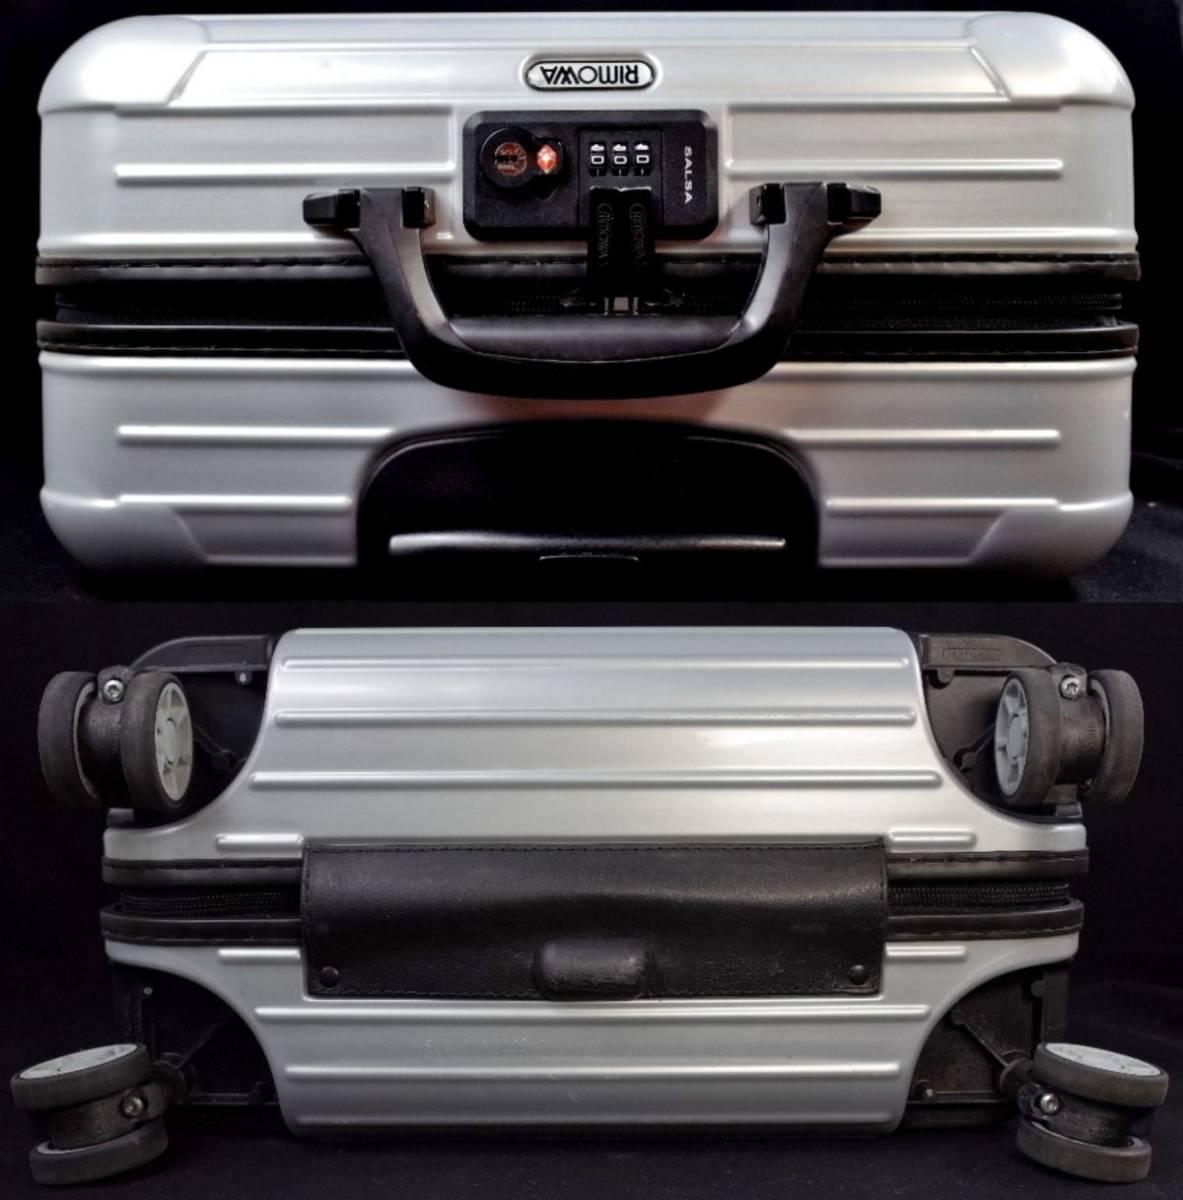 RIMOWA リモワ 844.40『SALSA サルサ』 ビジネス トローリー 4輪 TSAロック 27L(人気完売色:クラッシックシルバー) 美品  _画像7